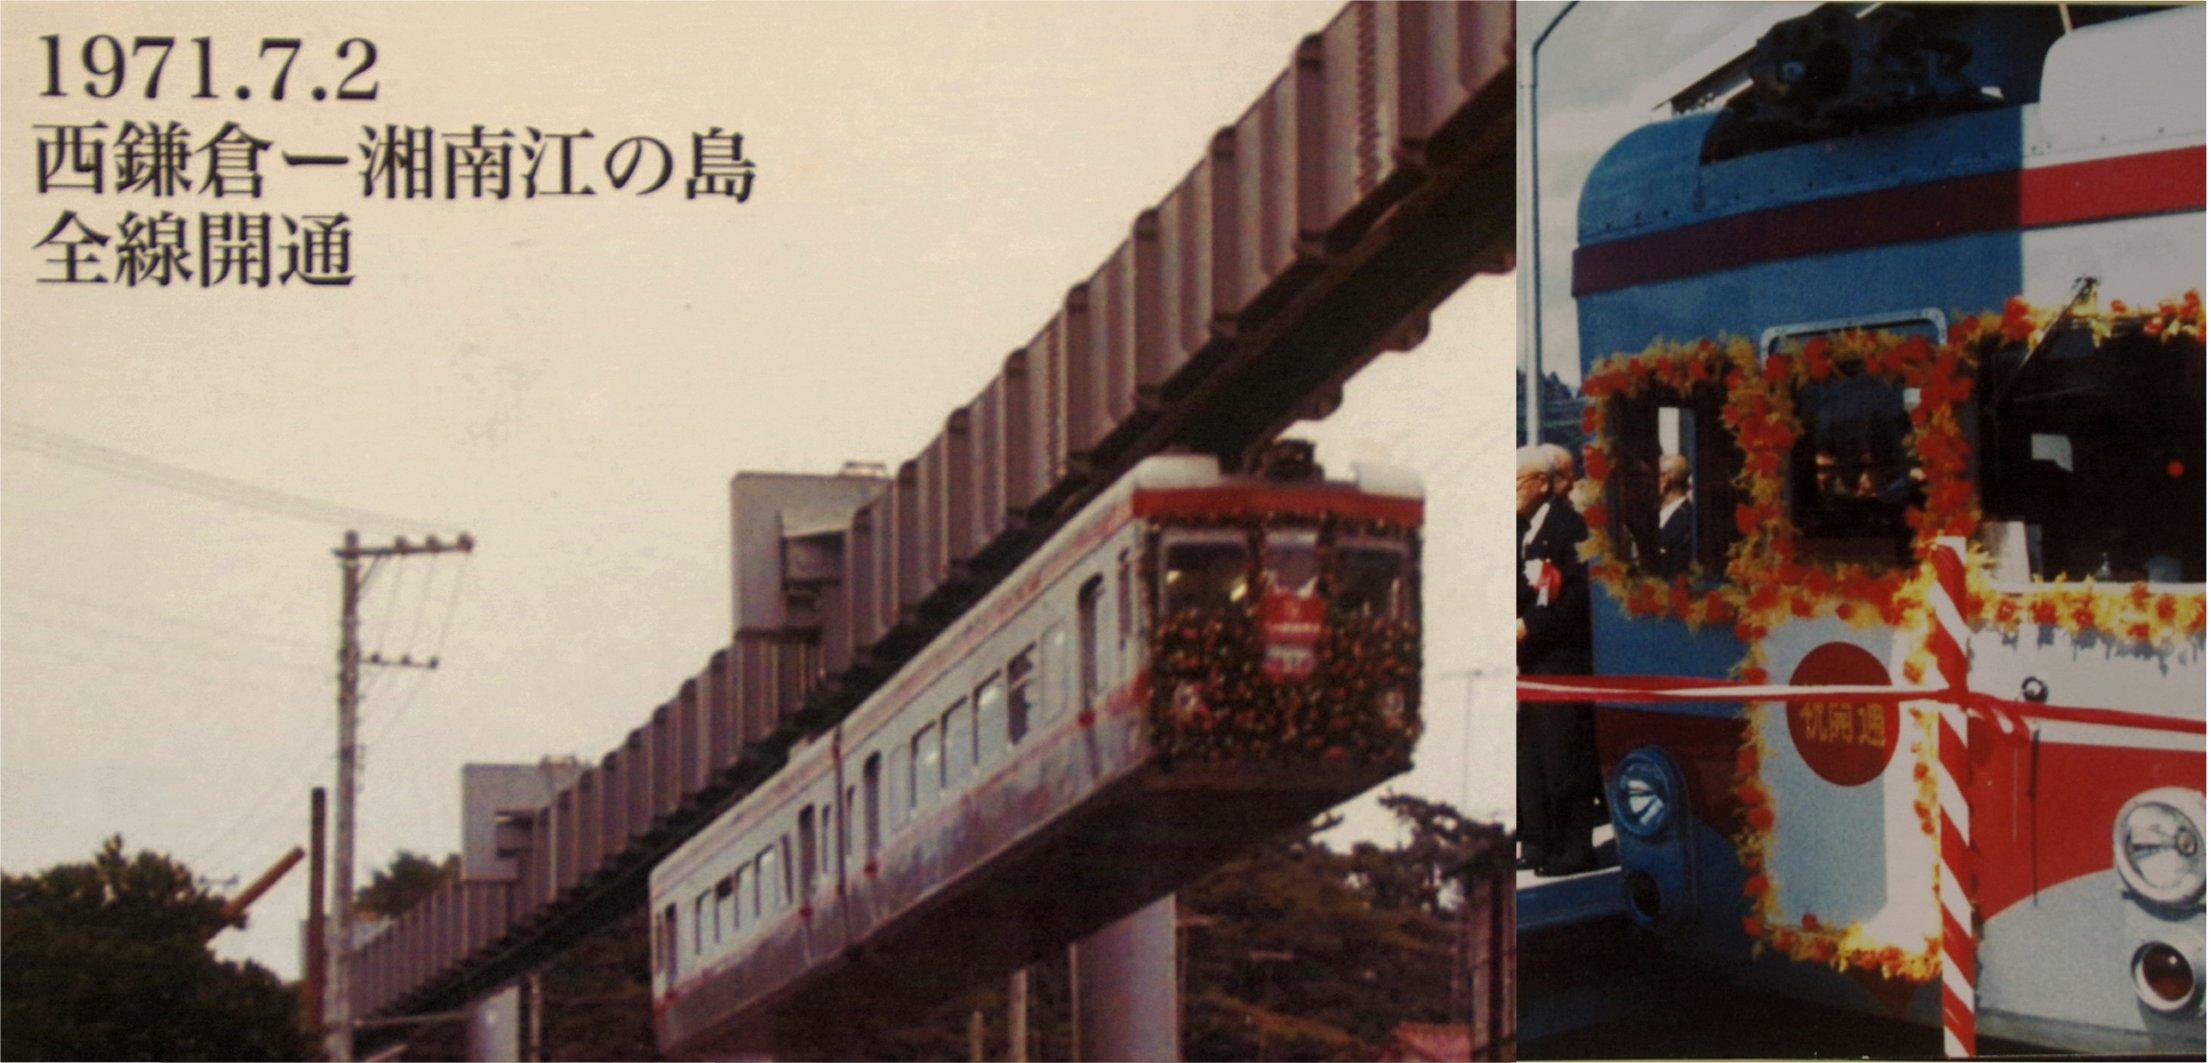 湘南モノレール300系前期車輛と後期車輛の比較